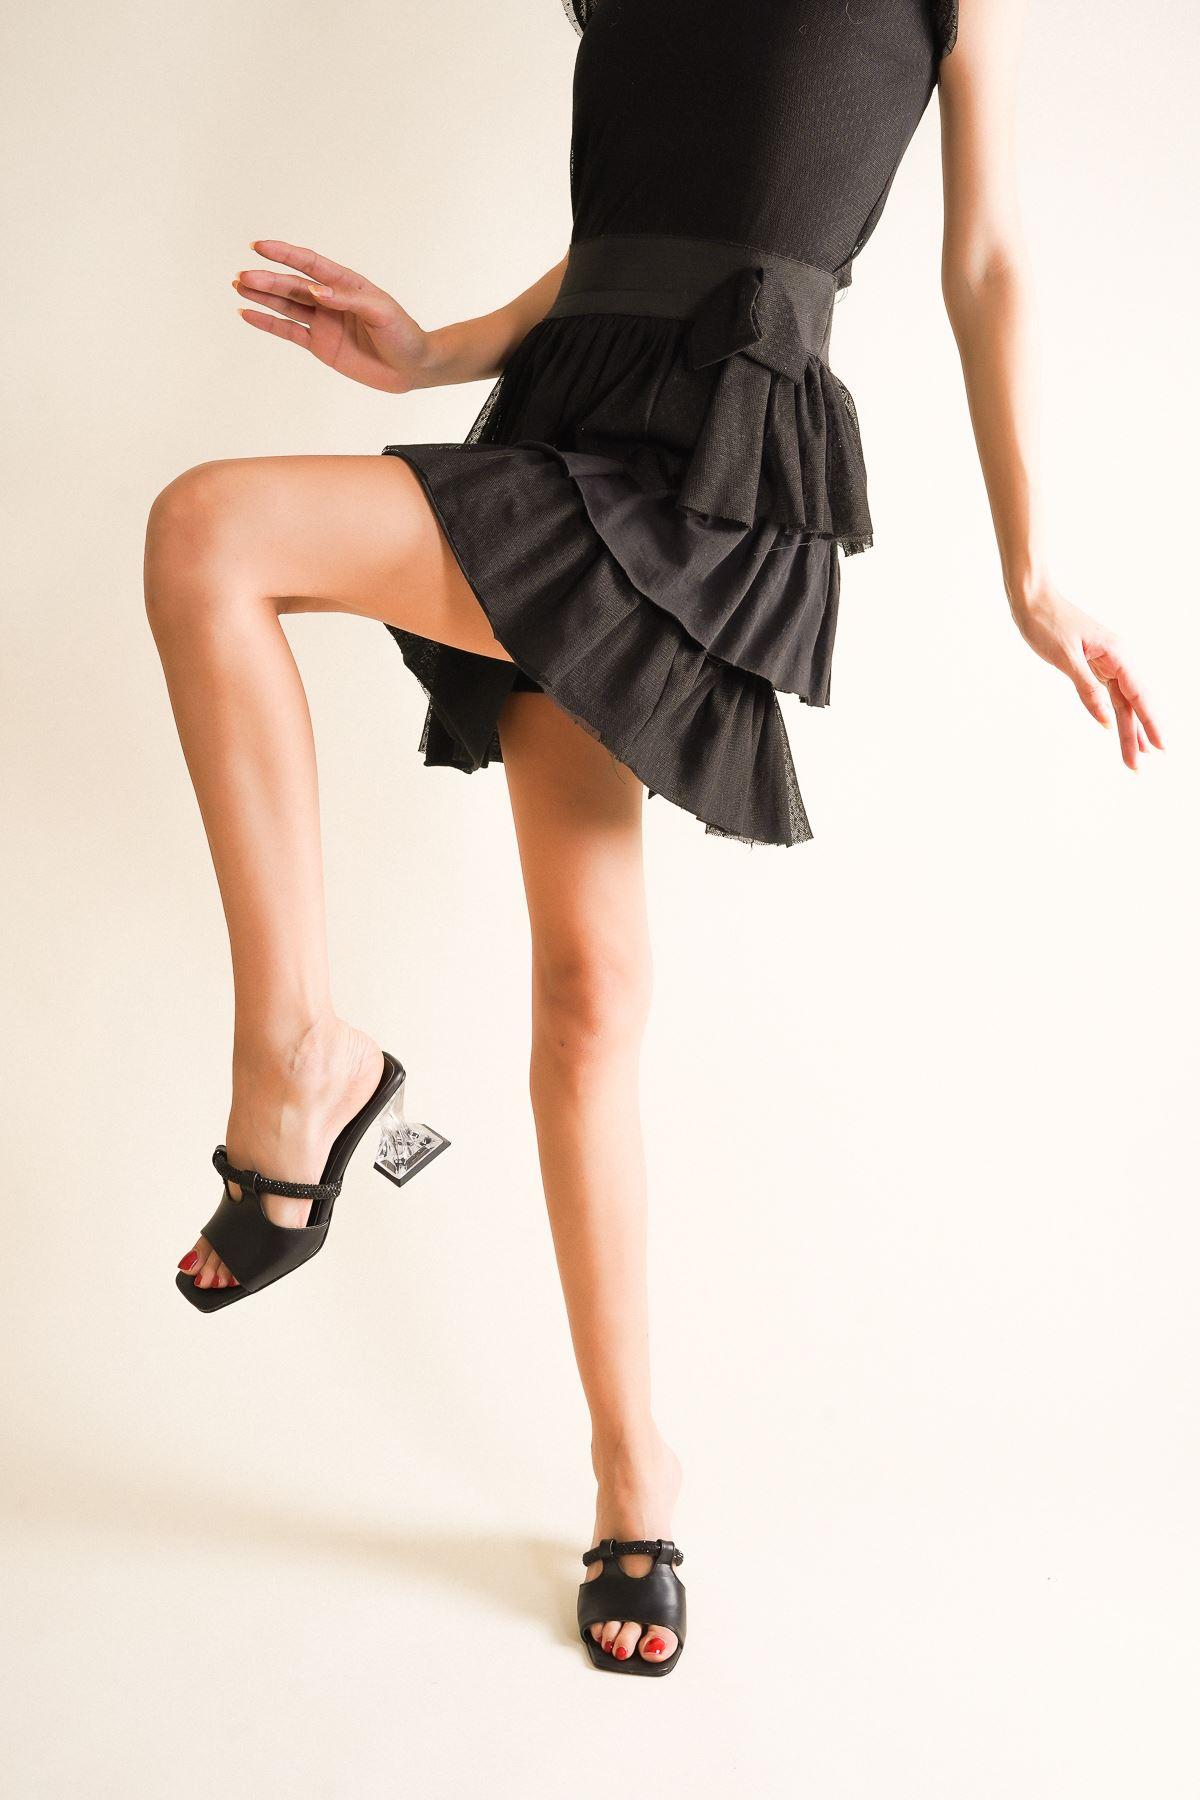 Nuvo Siyah Cilt Taşlı Şeffaf Kadın Topuklu Terlik